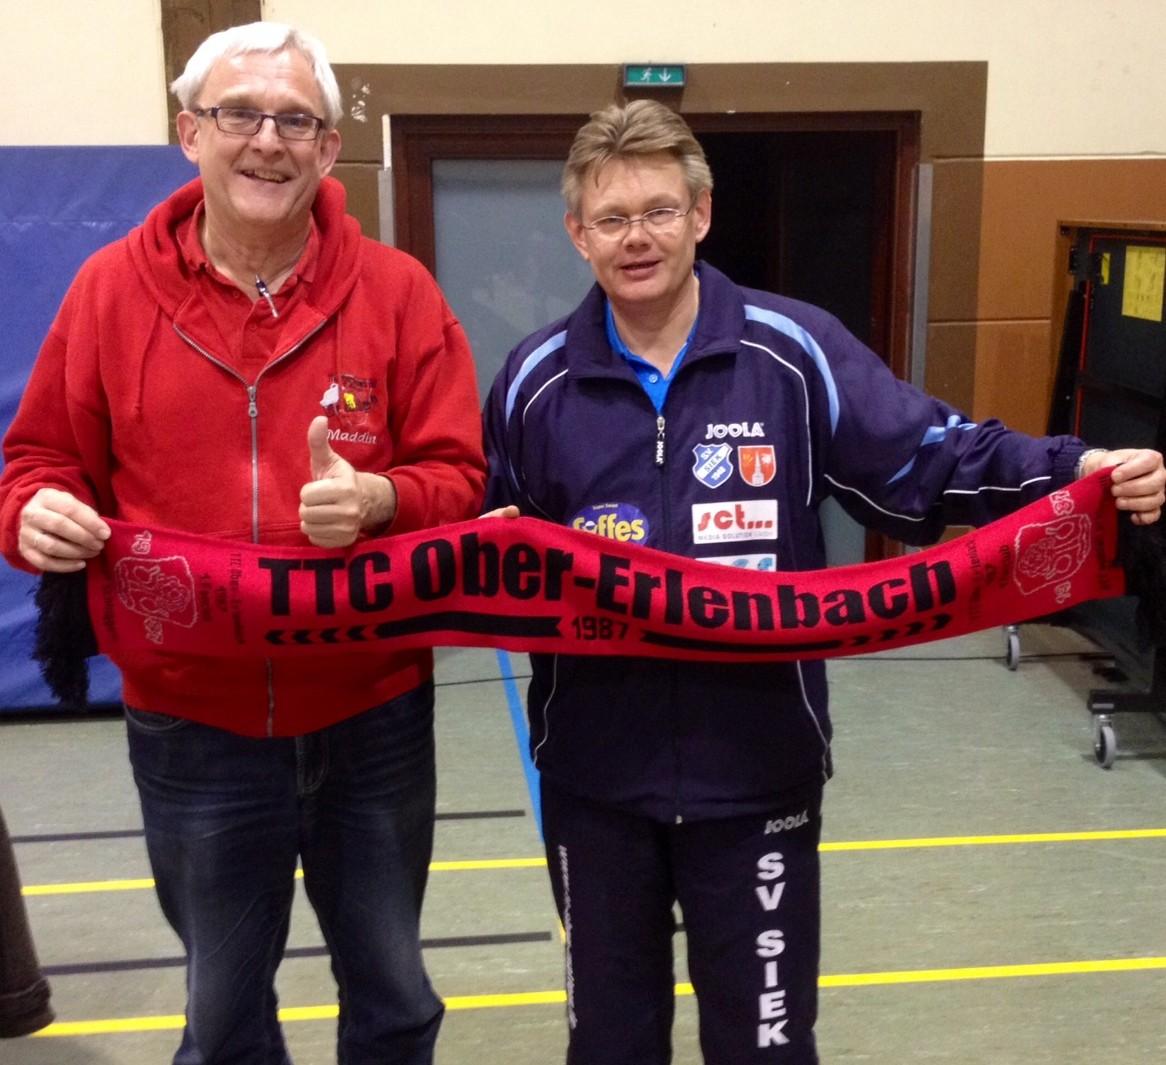 TTCOE-Vors. Martin Baugard und der Macher vom SV Siek Klaus Bergmann